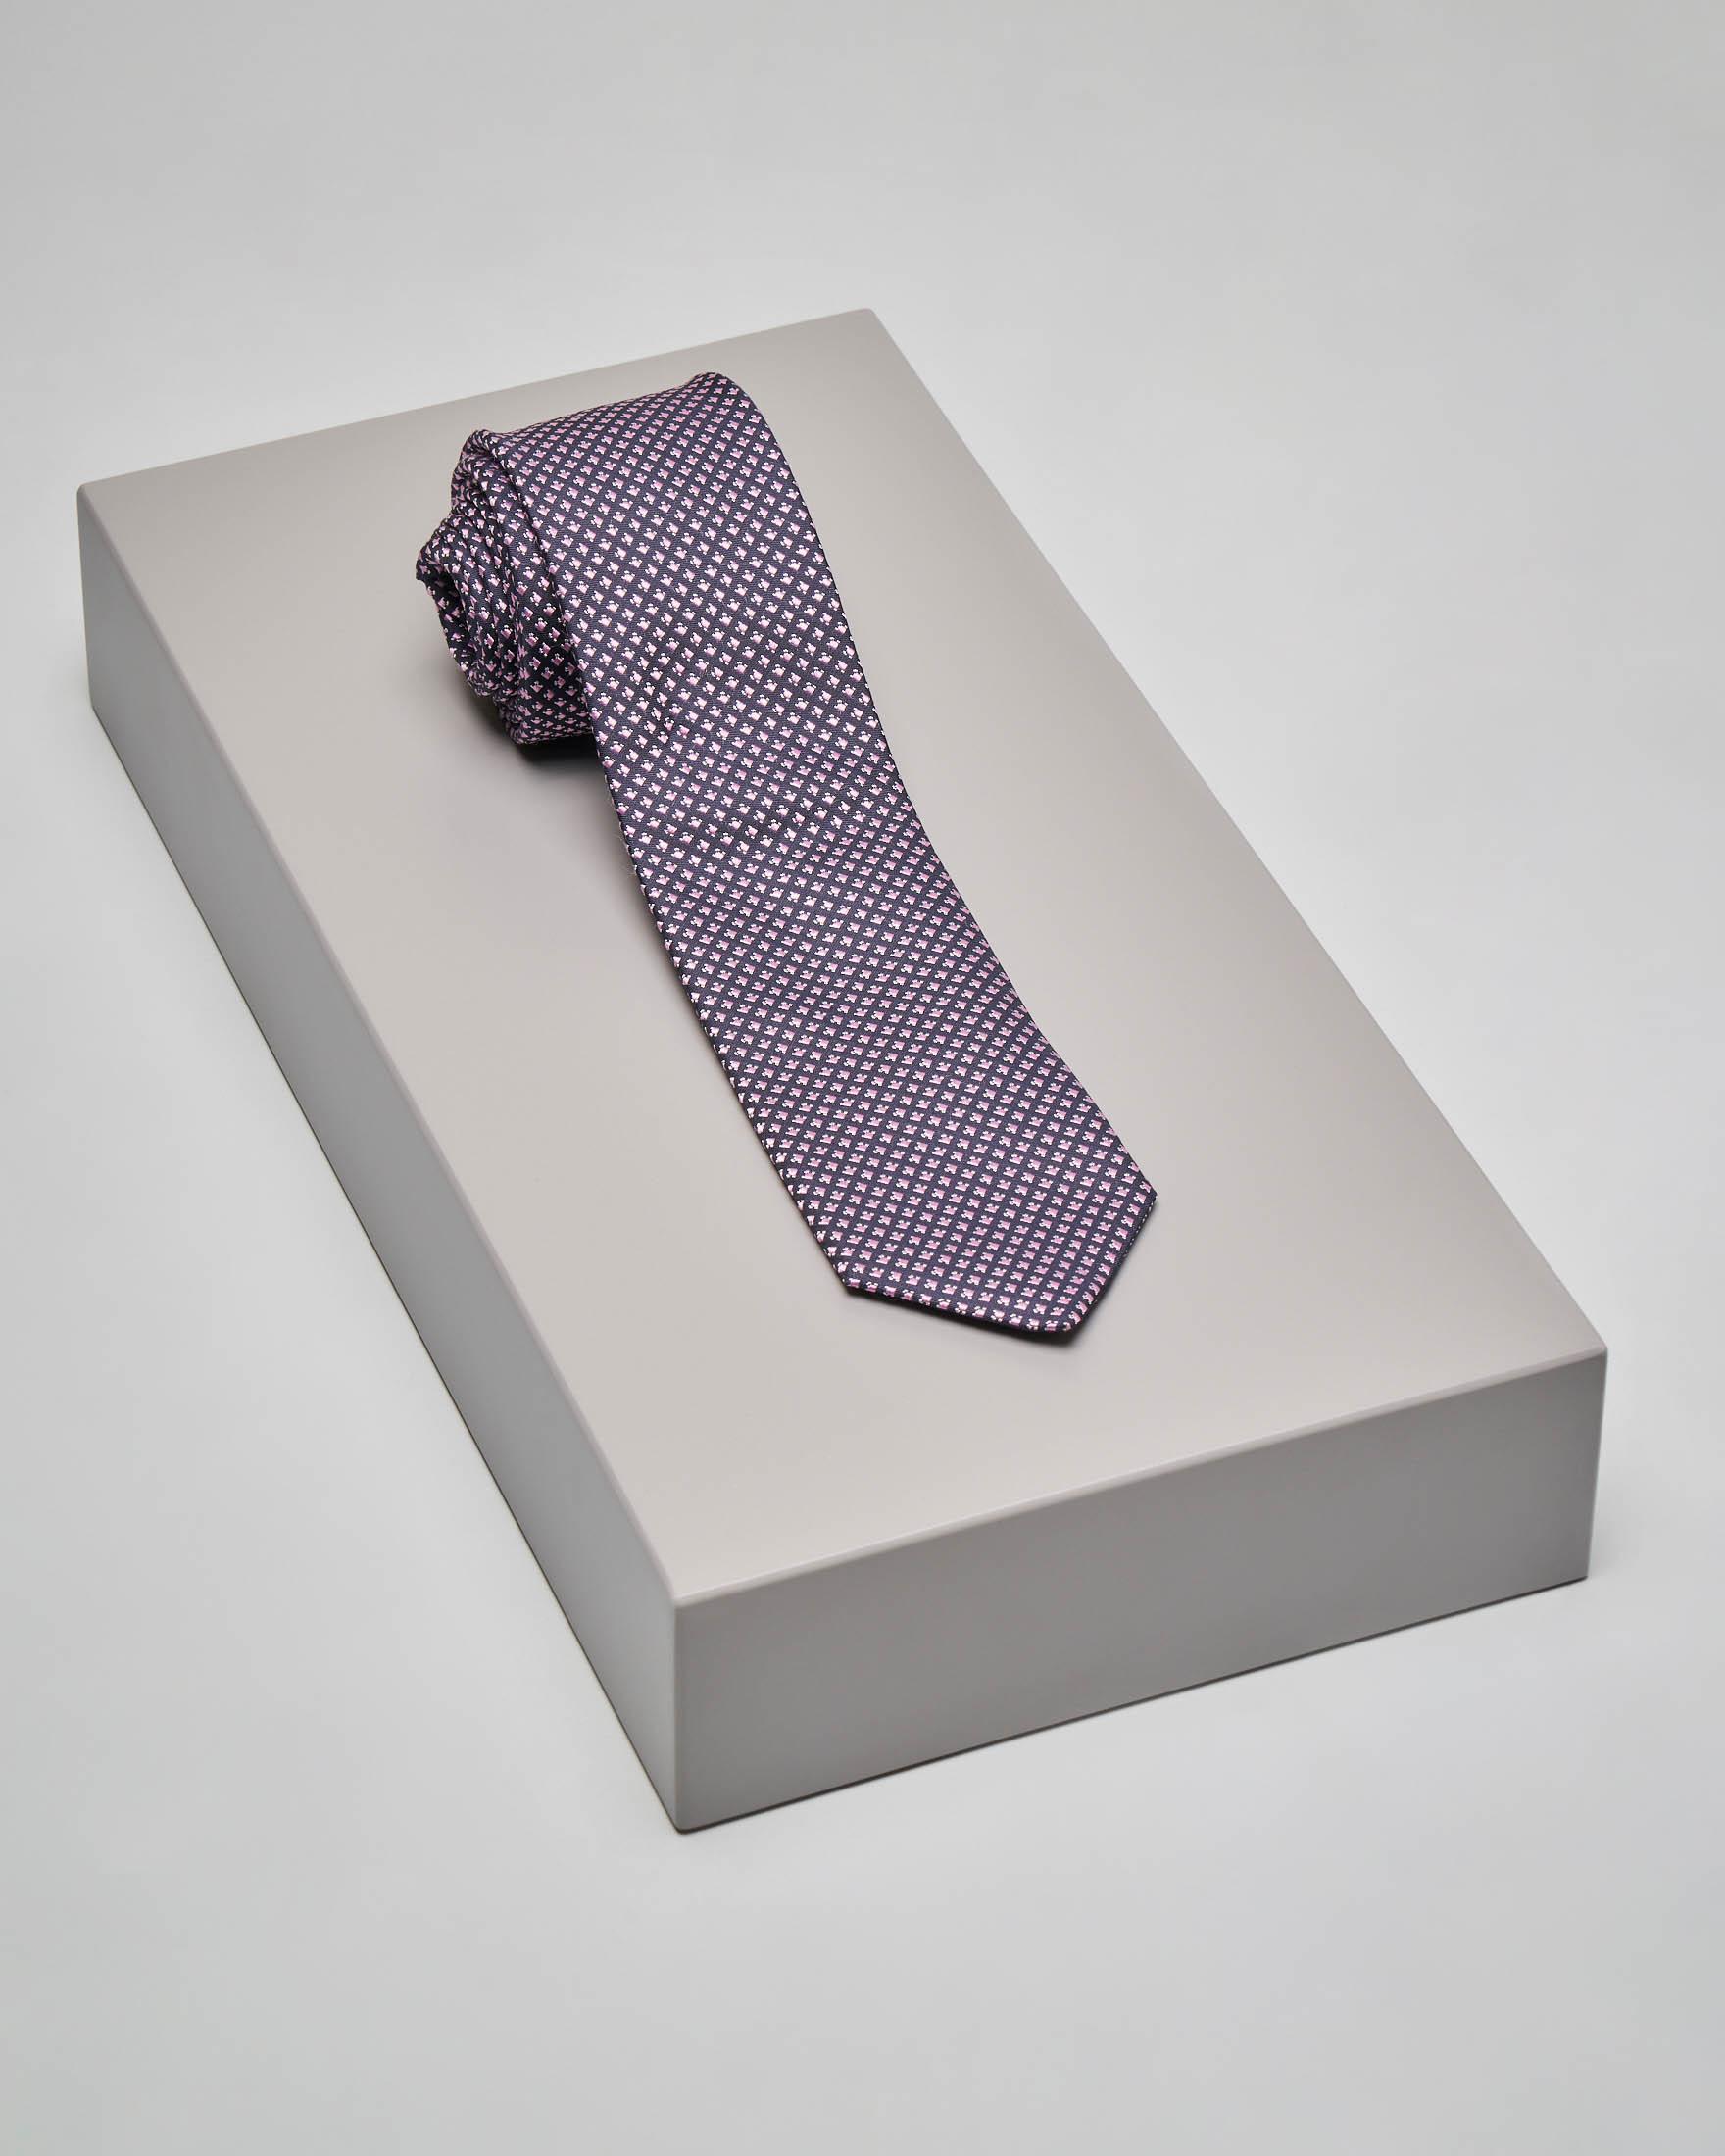 Cravatta blu in seta con micro-disegni geometrici rosa